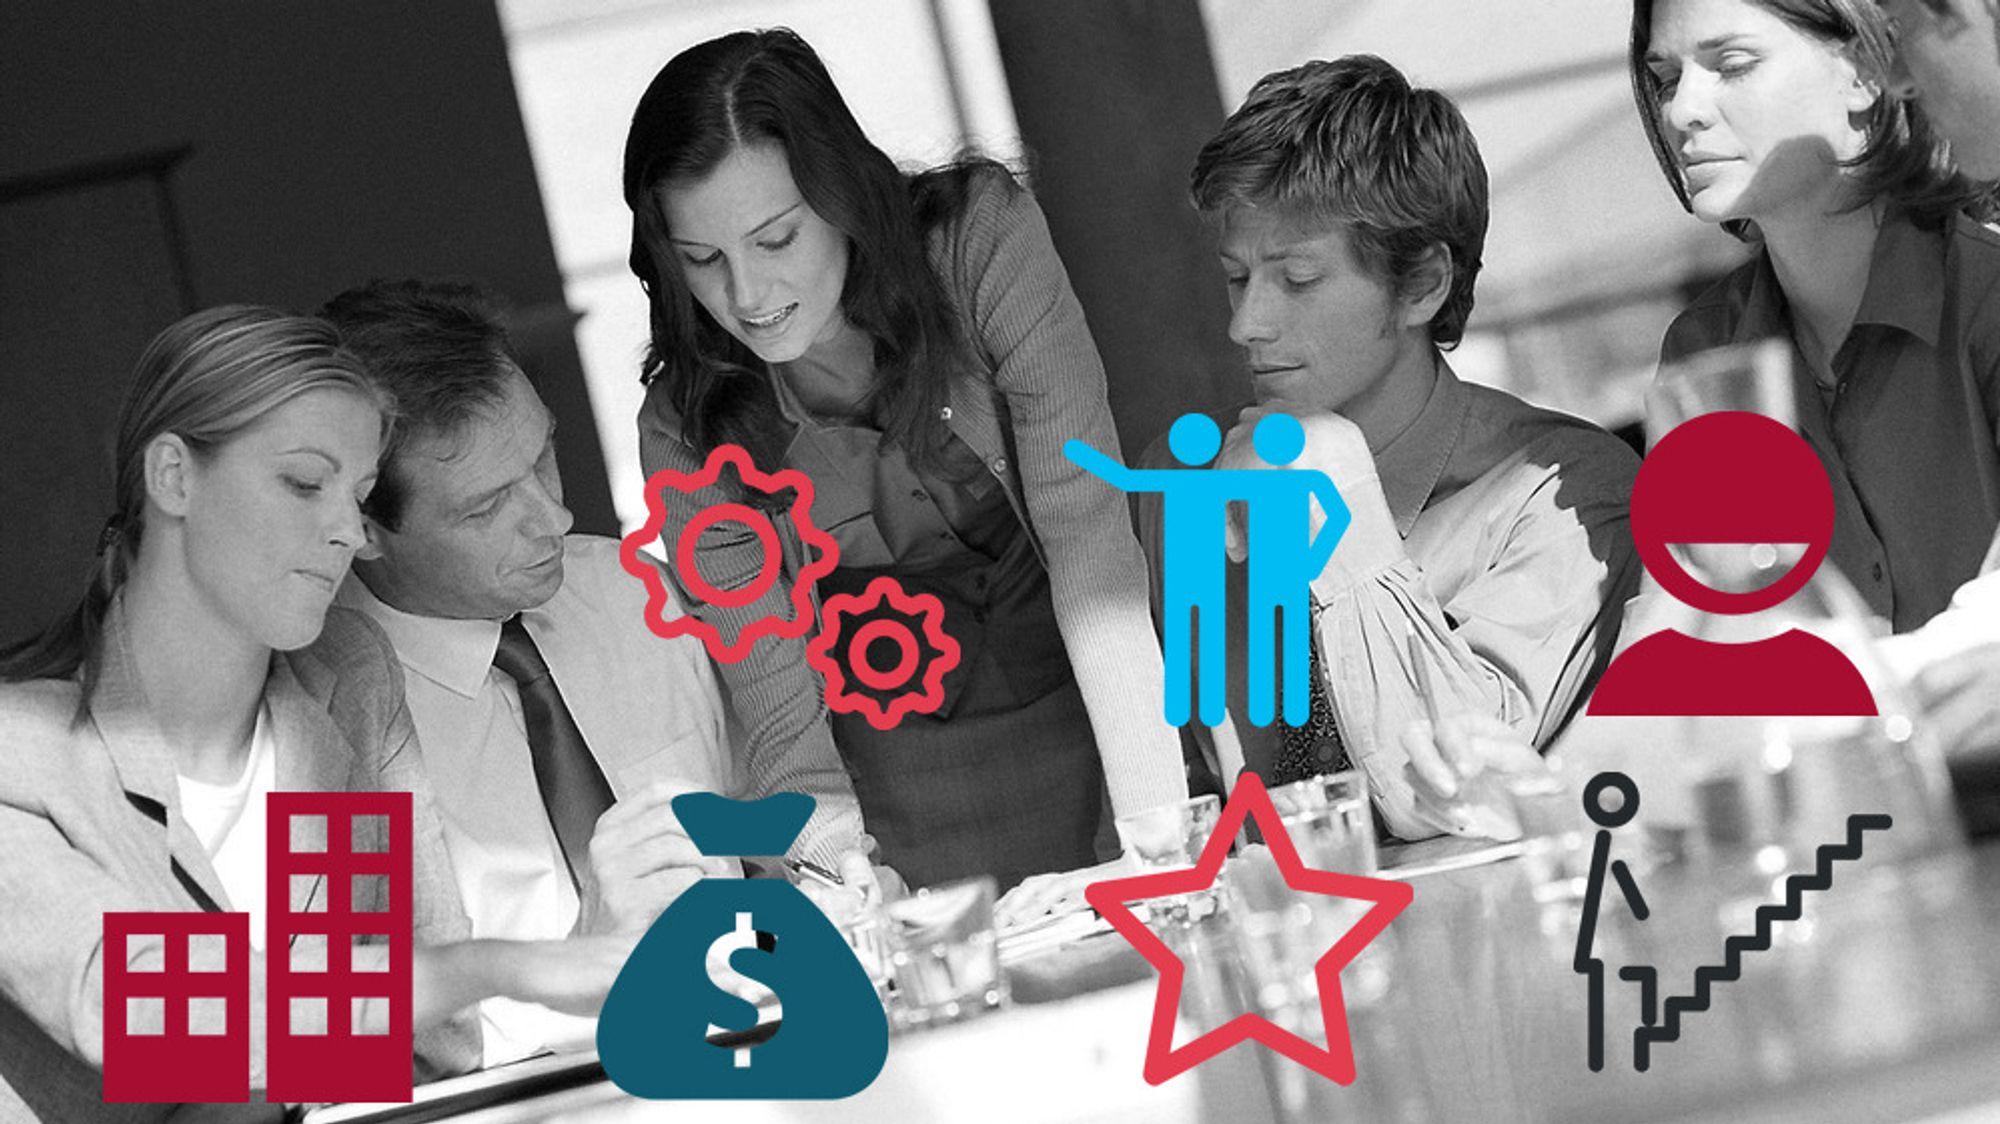 Ledere og unge ansatte er enige om at faglig utvikling og inspirasjon er det viktigste ved arbeidsplassen. Det viser arbeidsmarkedsanalysen til Randstad.